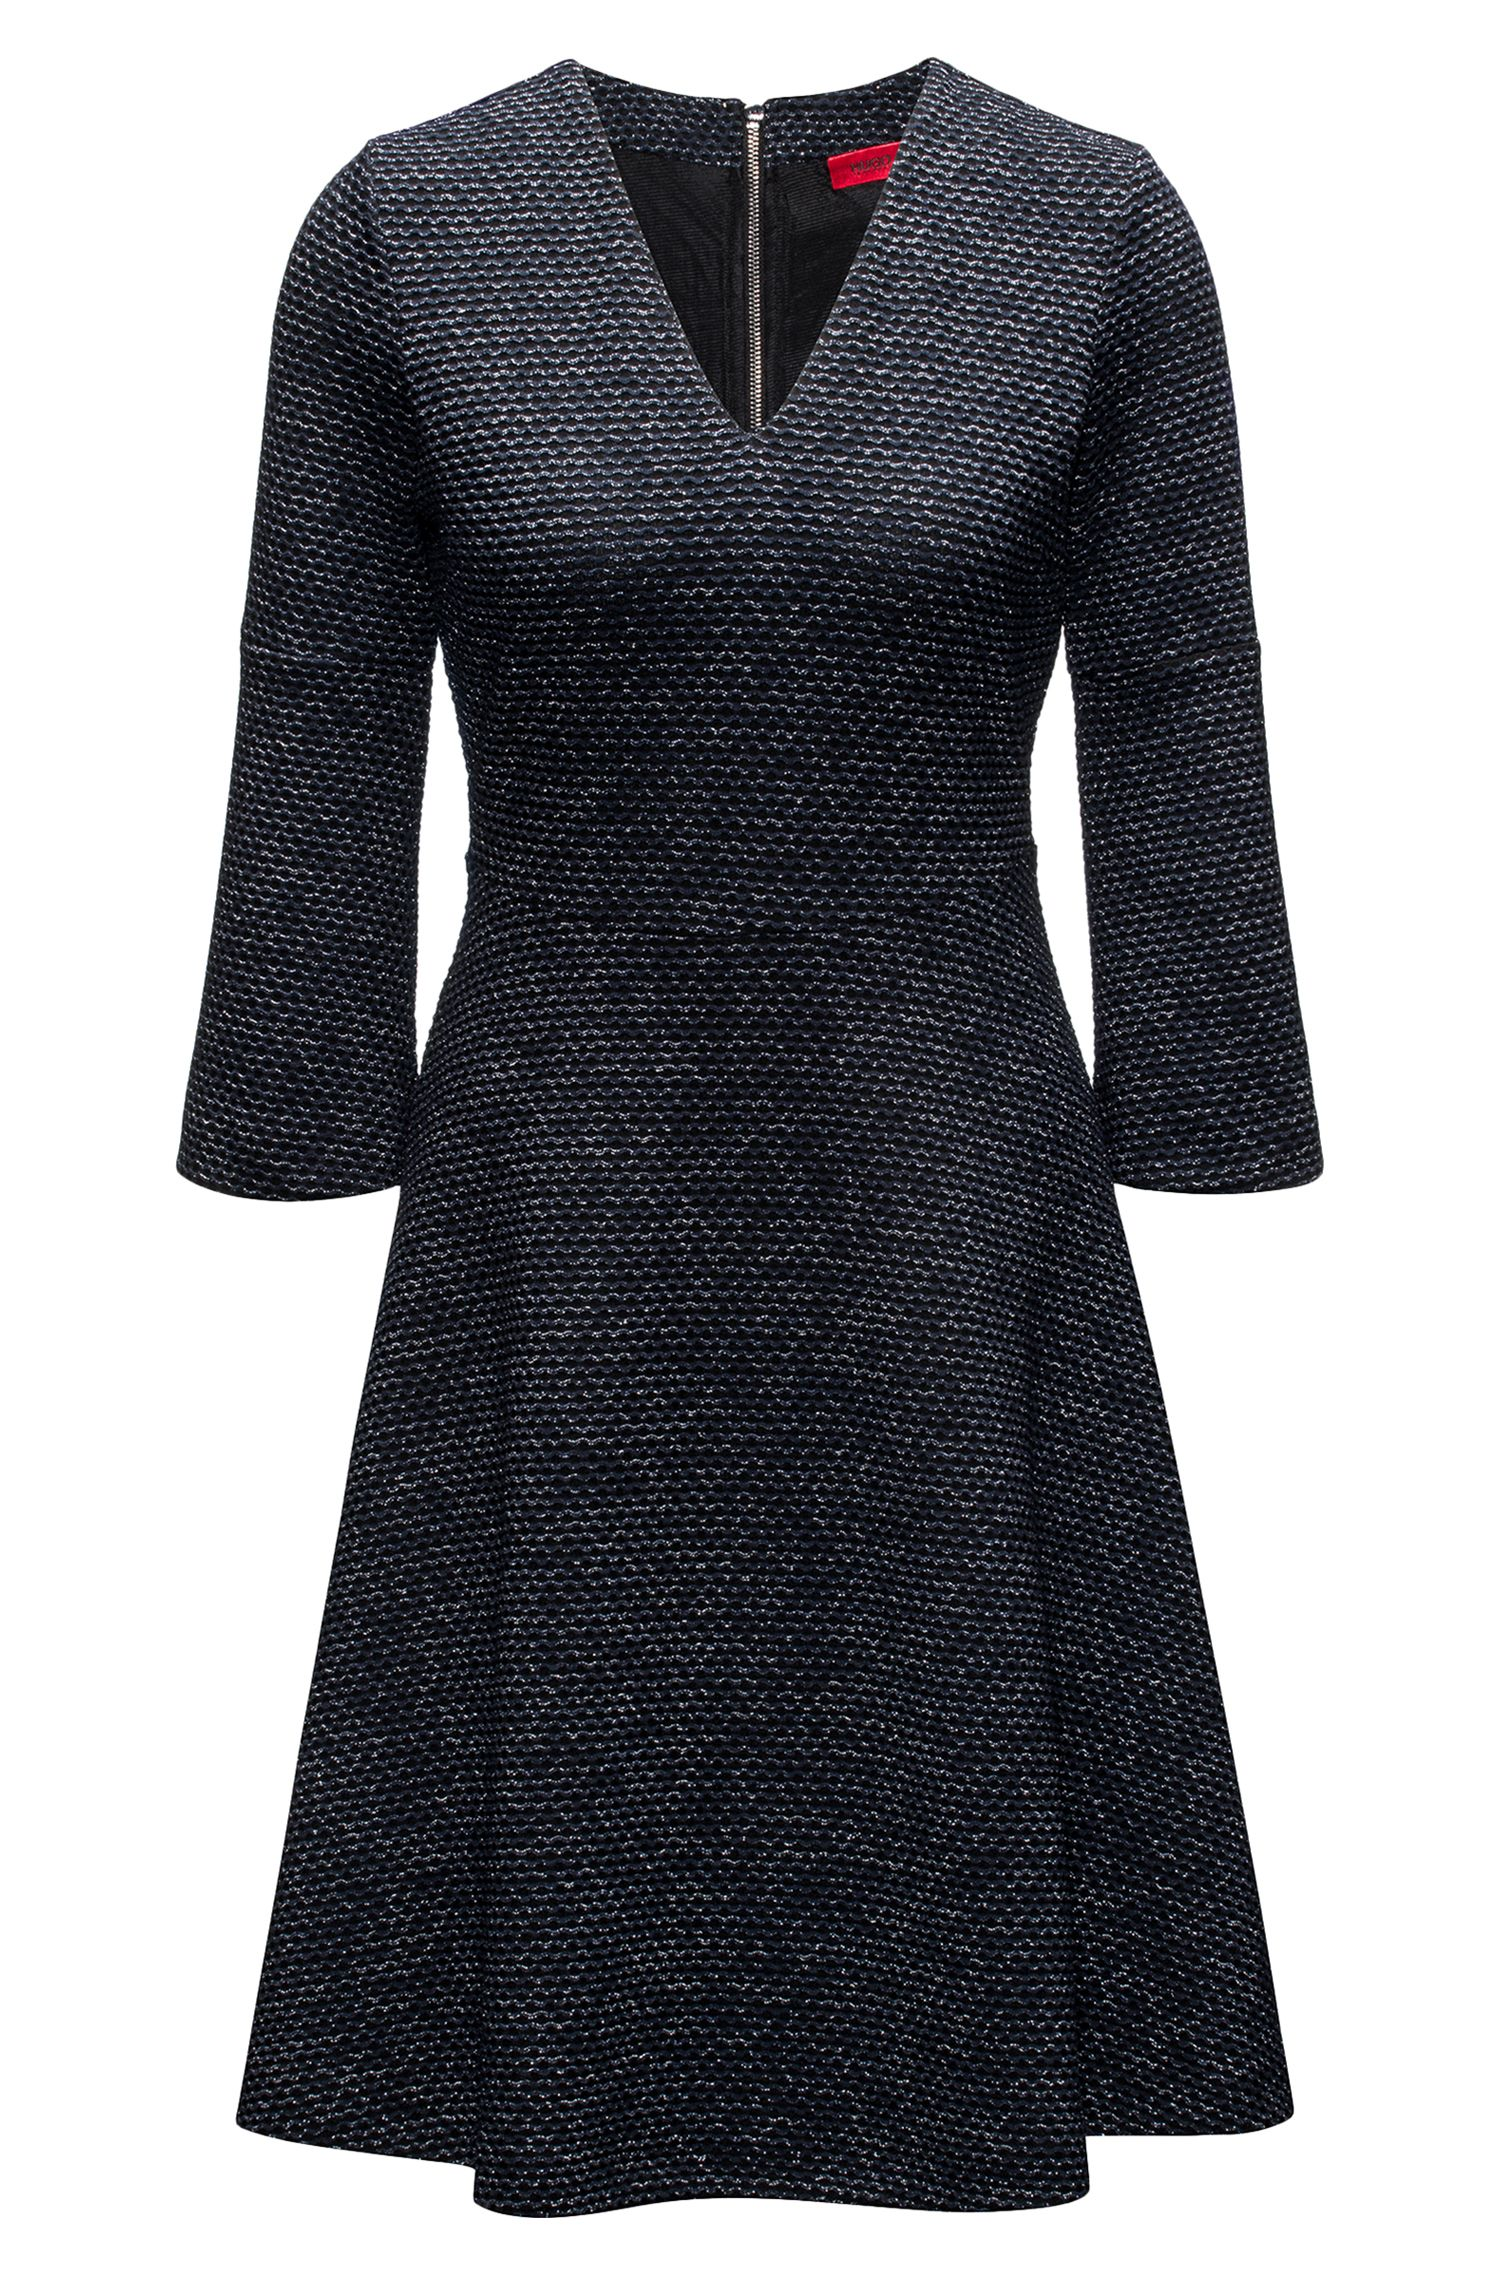 Metallic Knit Dress | Dicenia